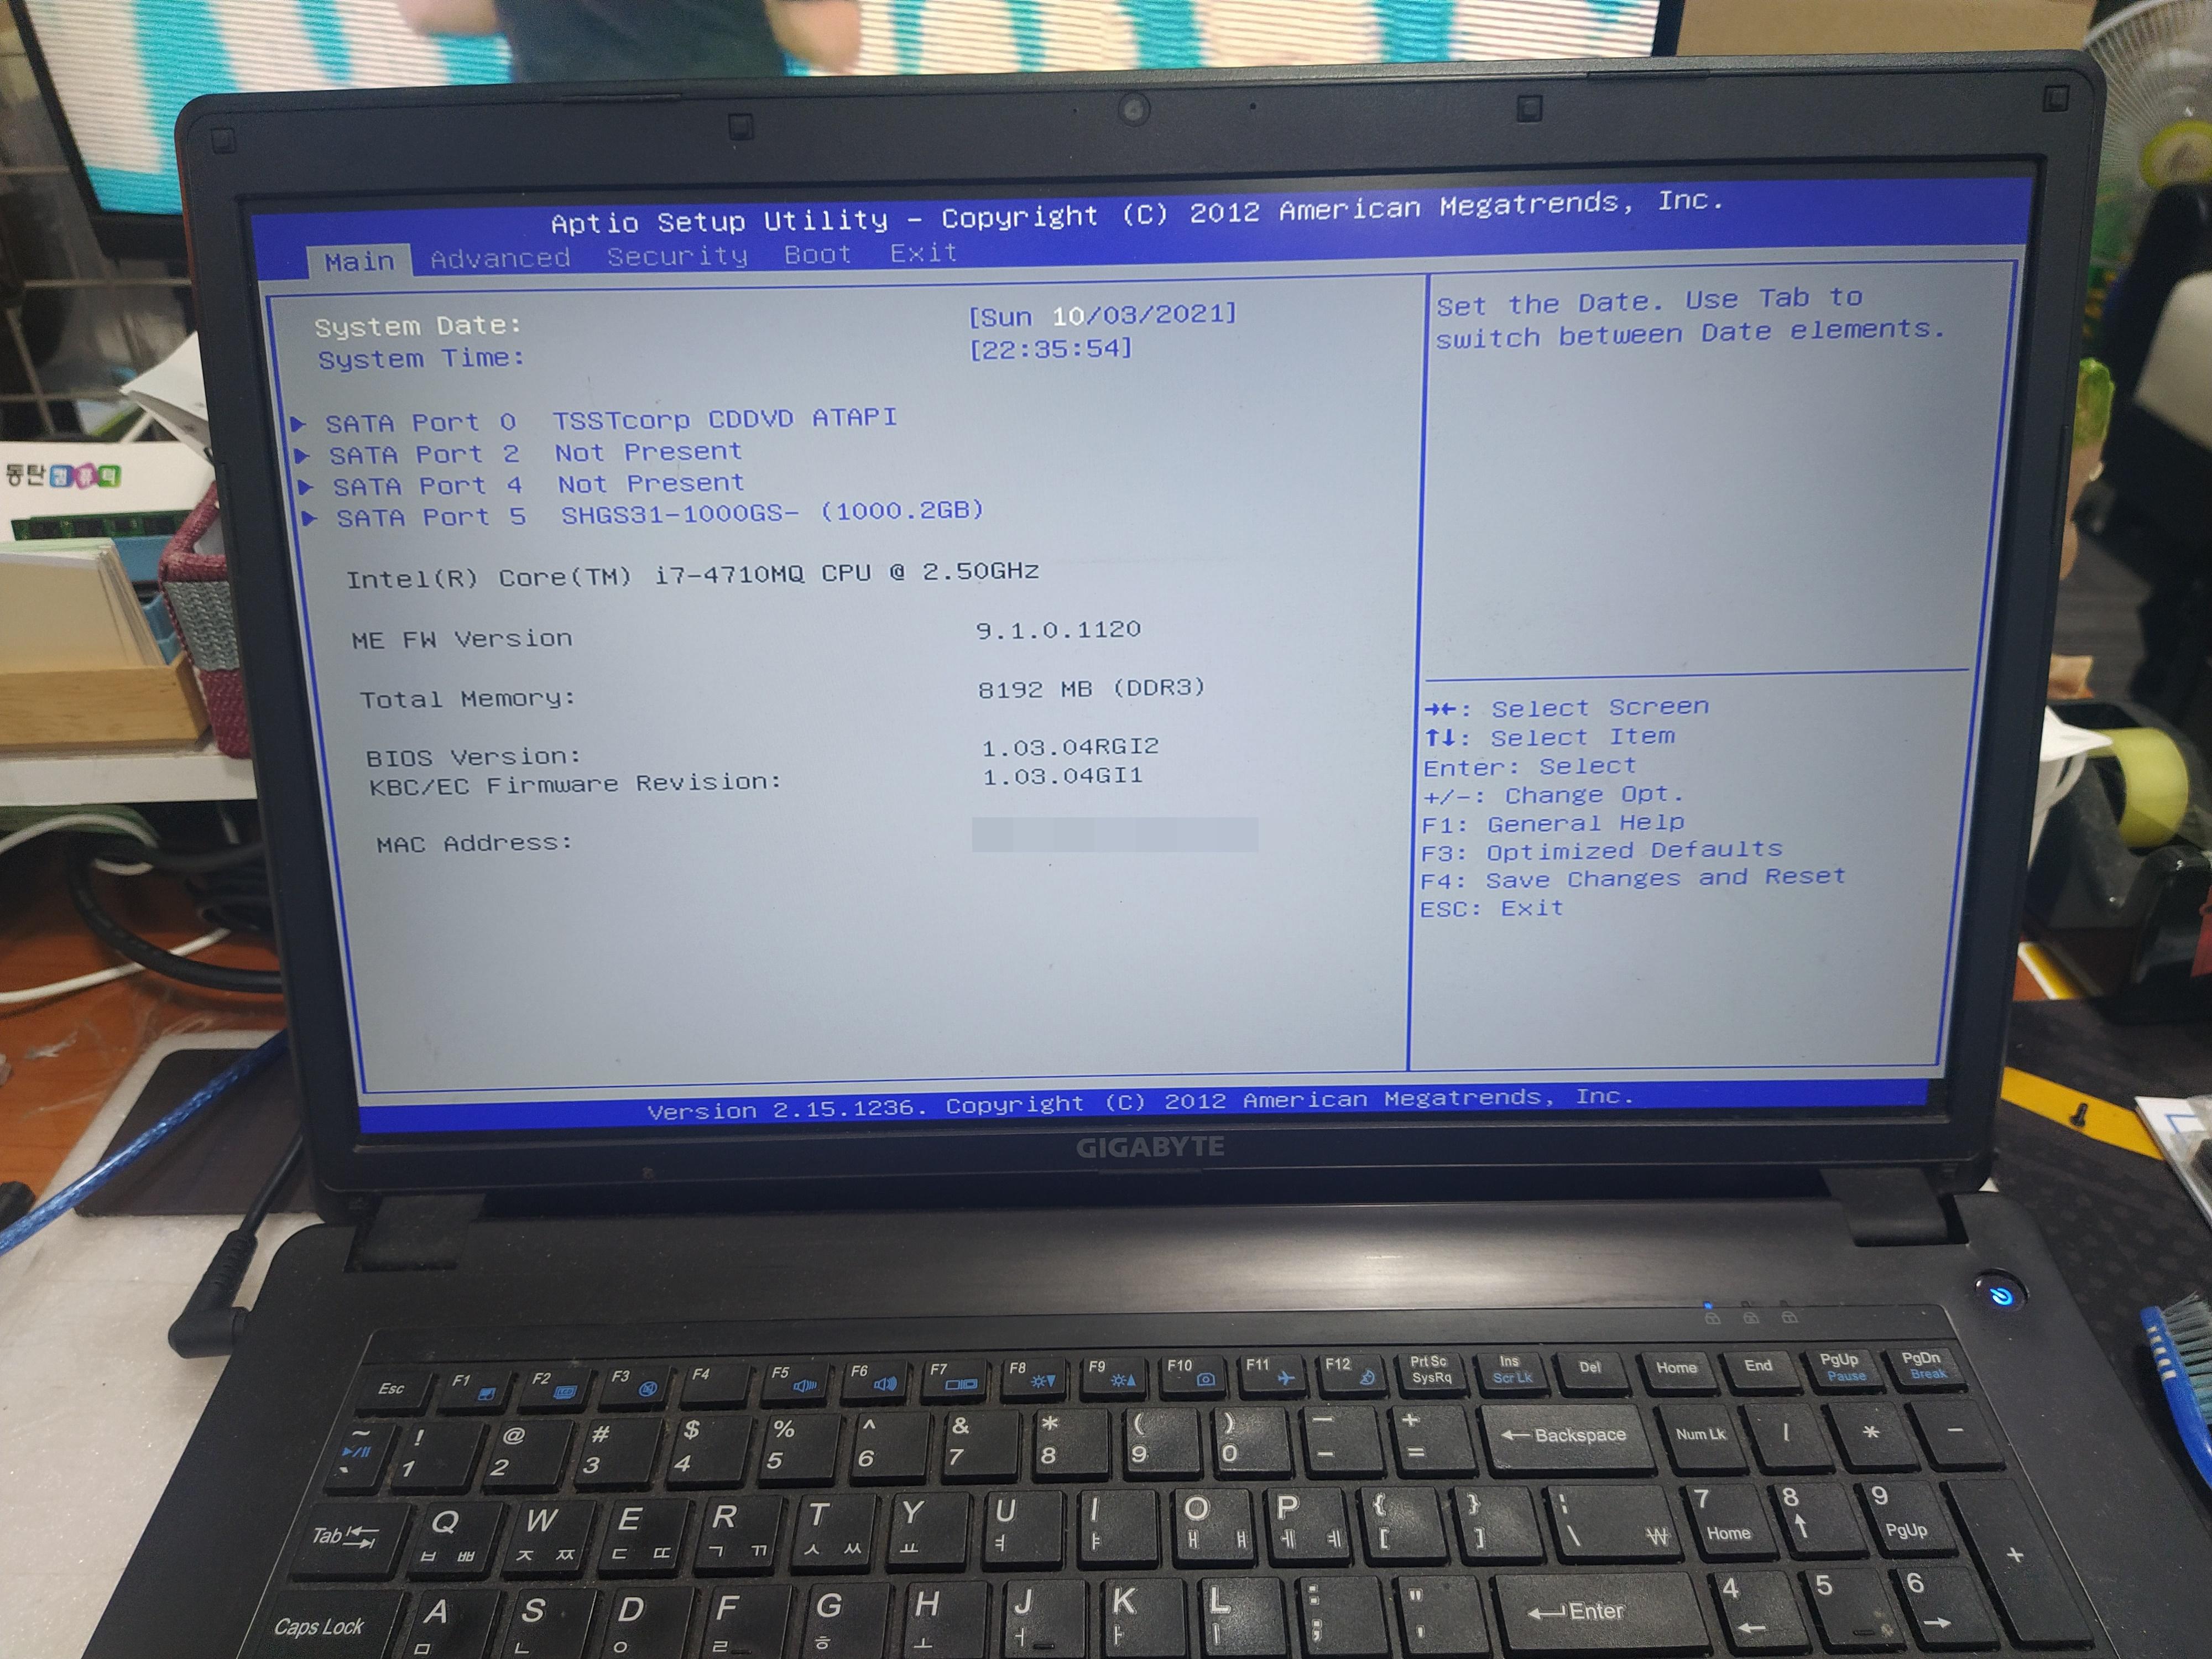 윈도우10 설치하기전에 SSD가 정상적으로 인식되는 걸 확인하고 있습니다.